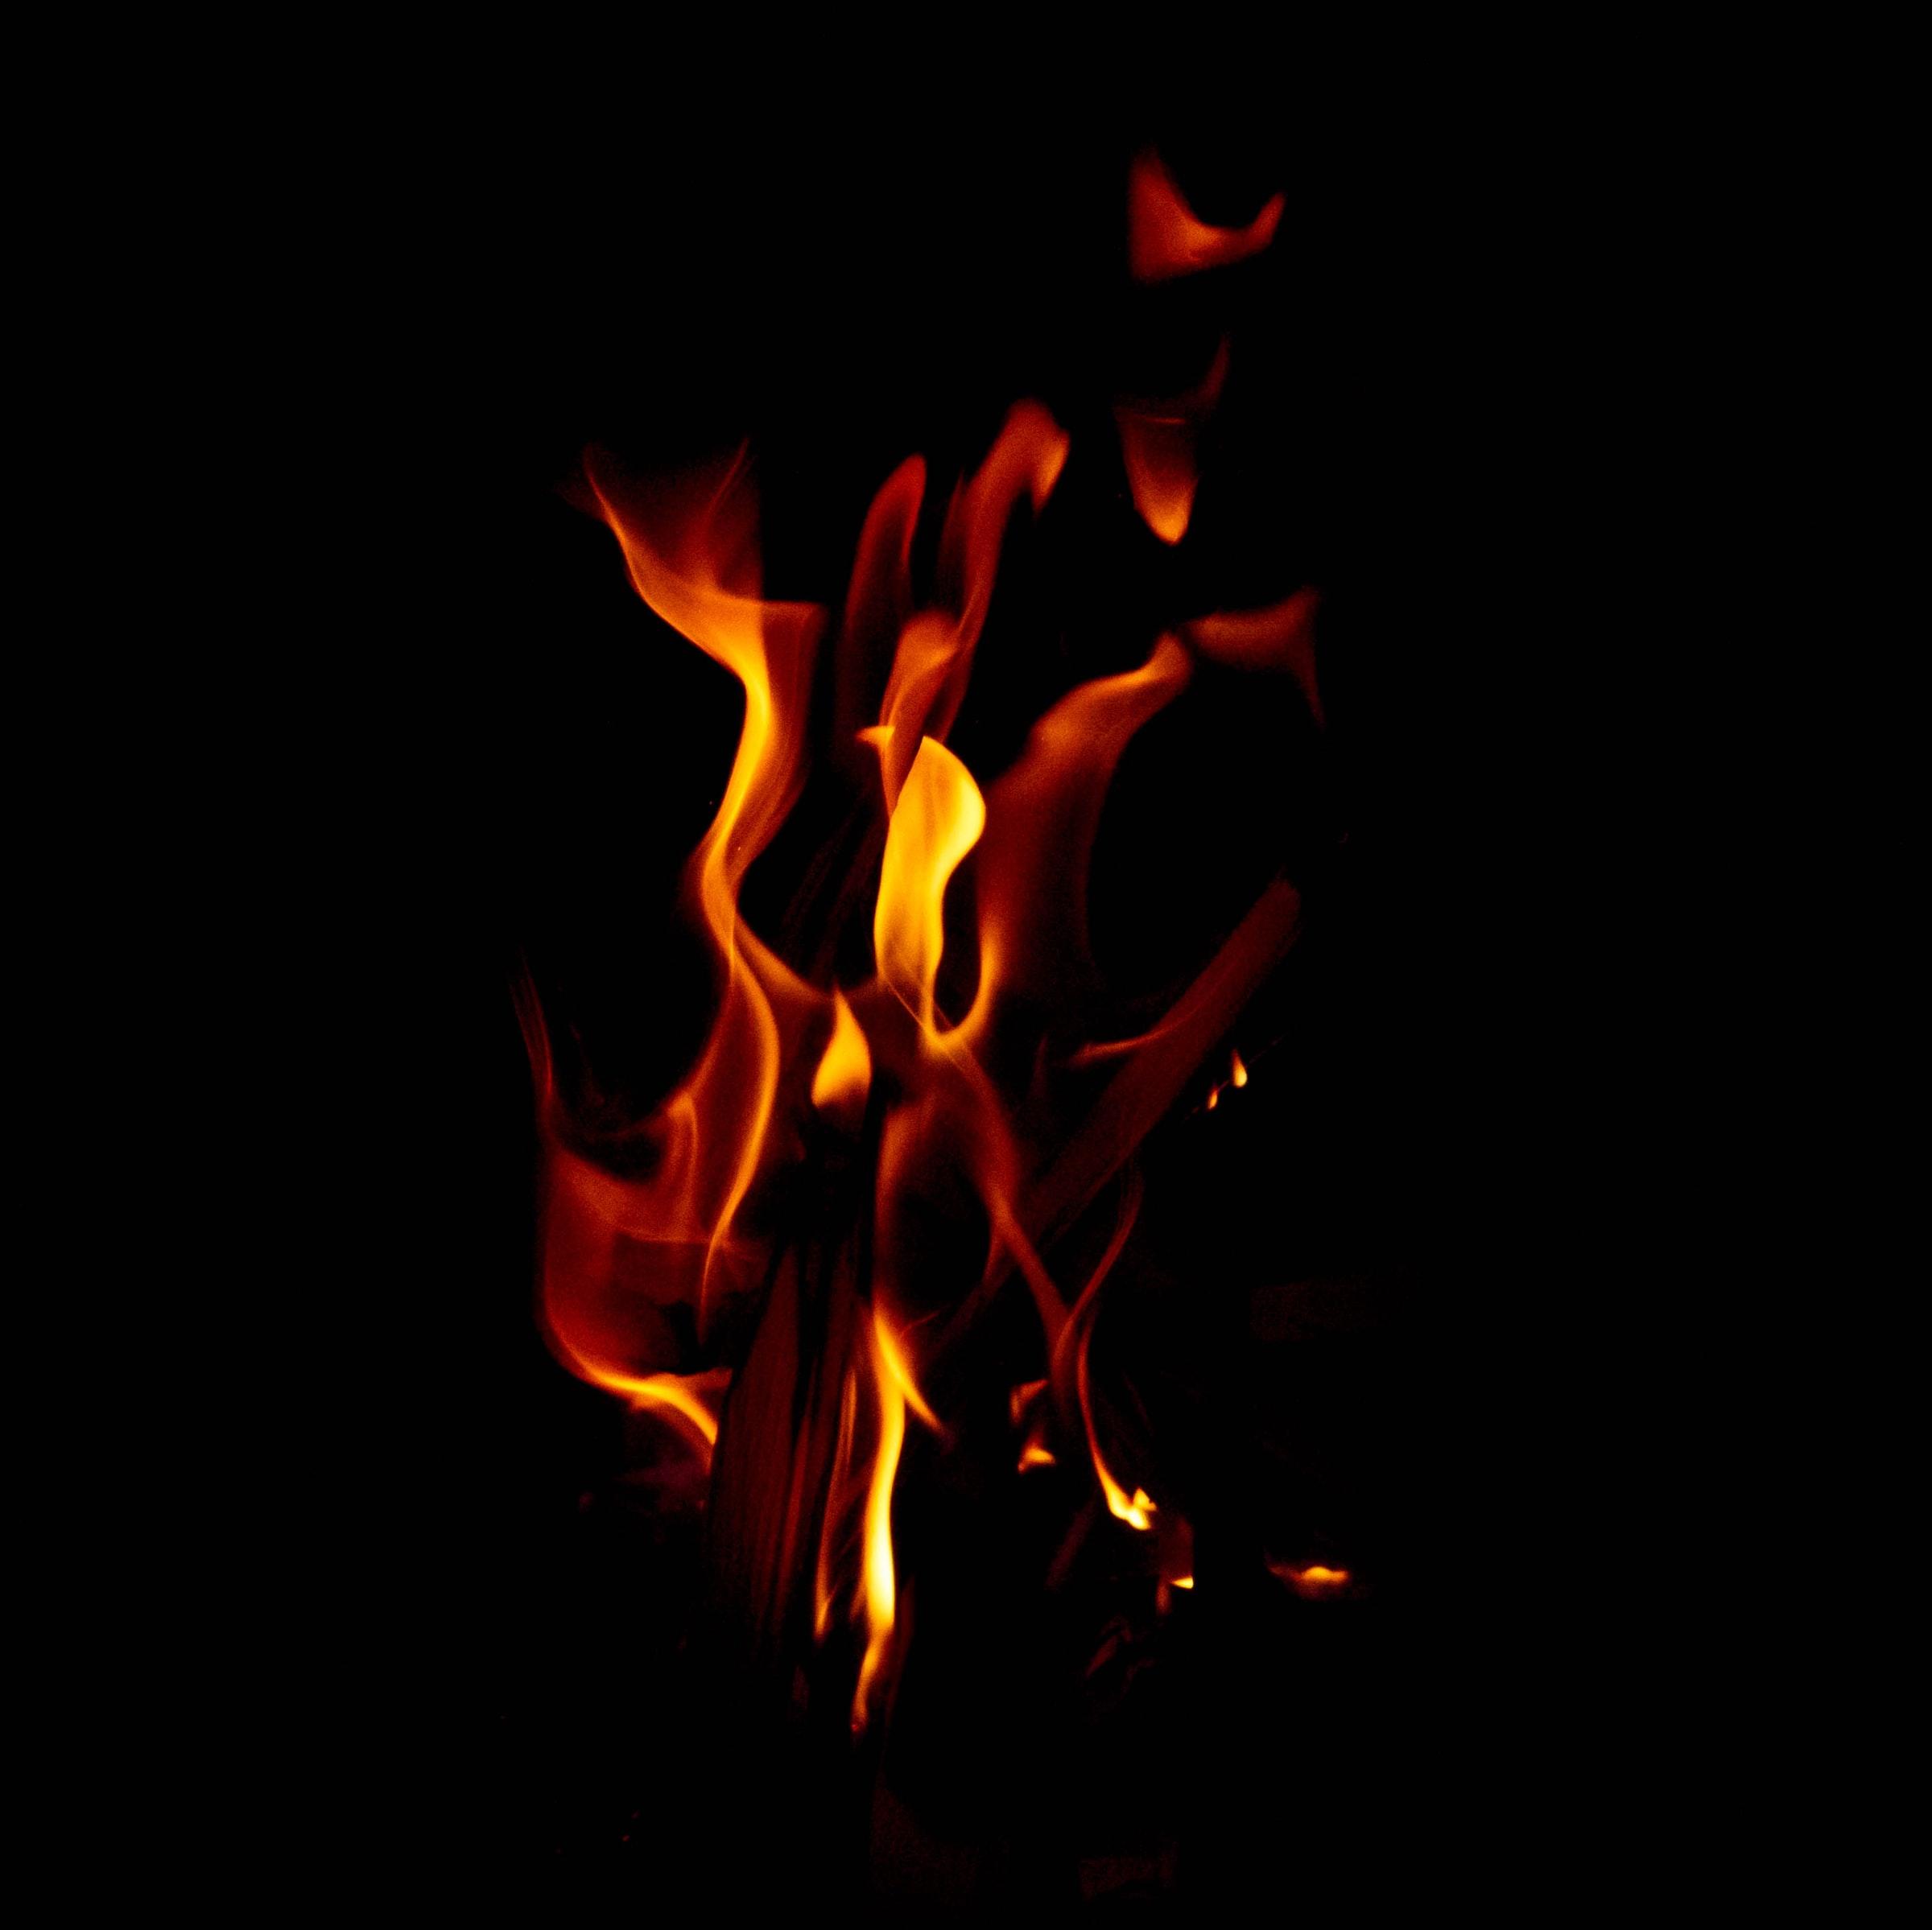 128632 免費下載壁紙 黑暗的, 黑暗, 火焰, 火, 黑色的, 火花 屏保和圖片